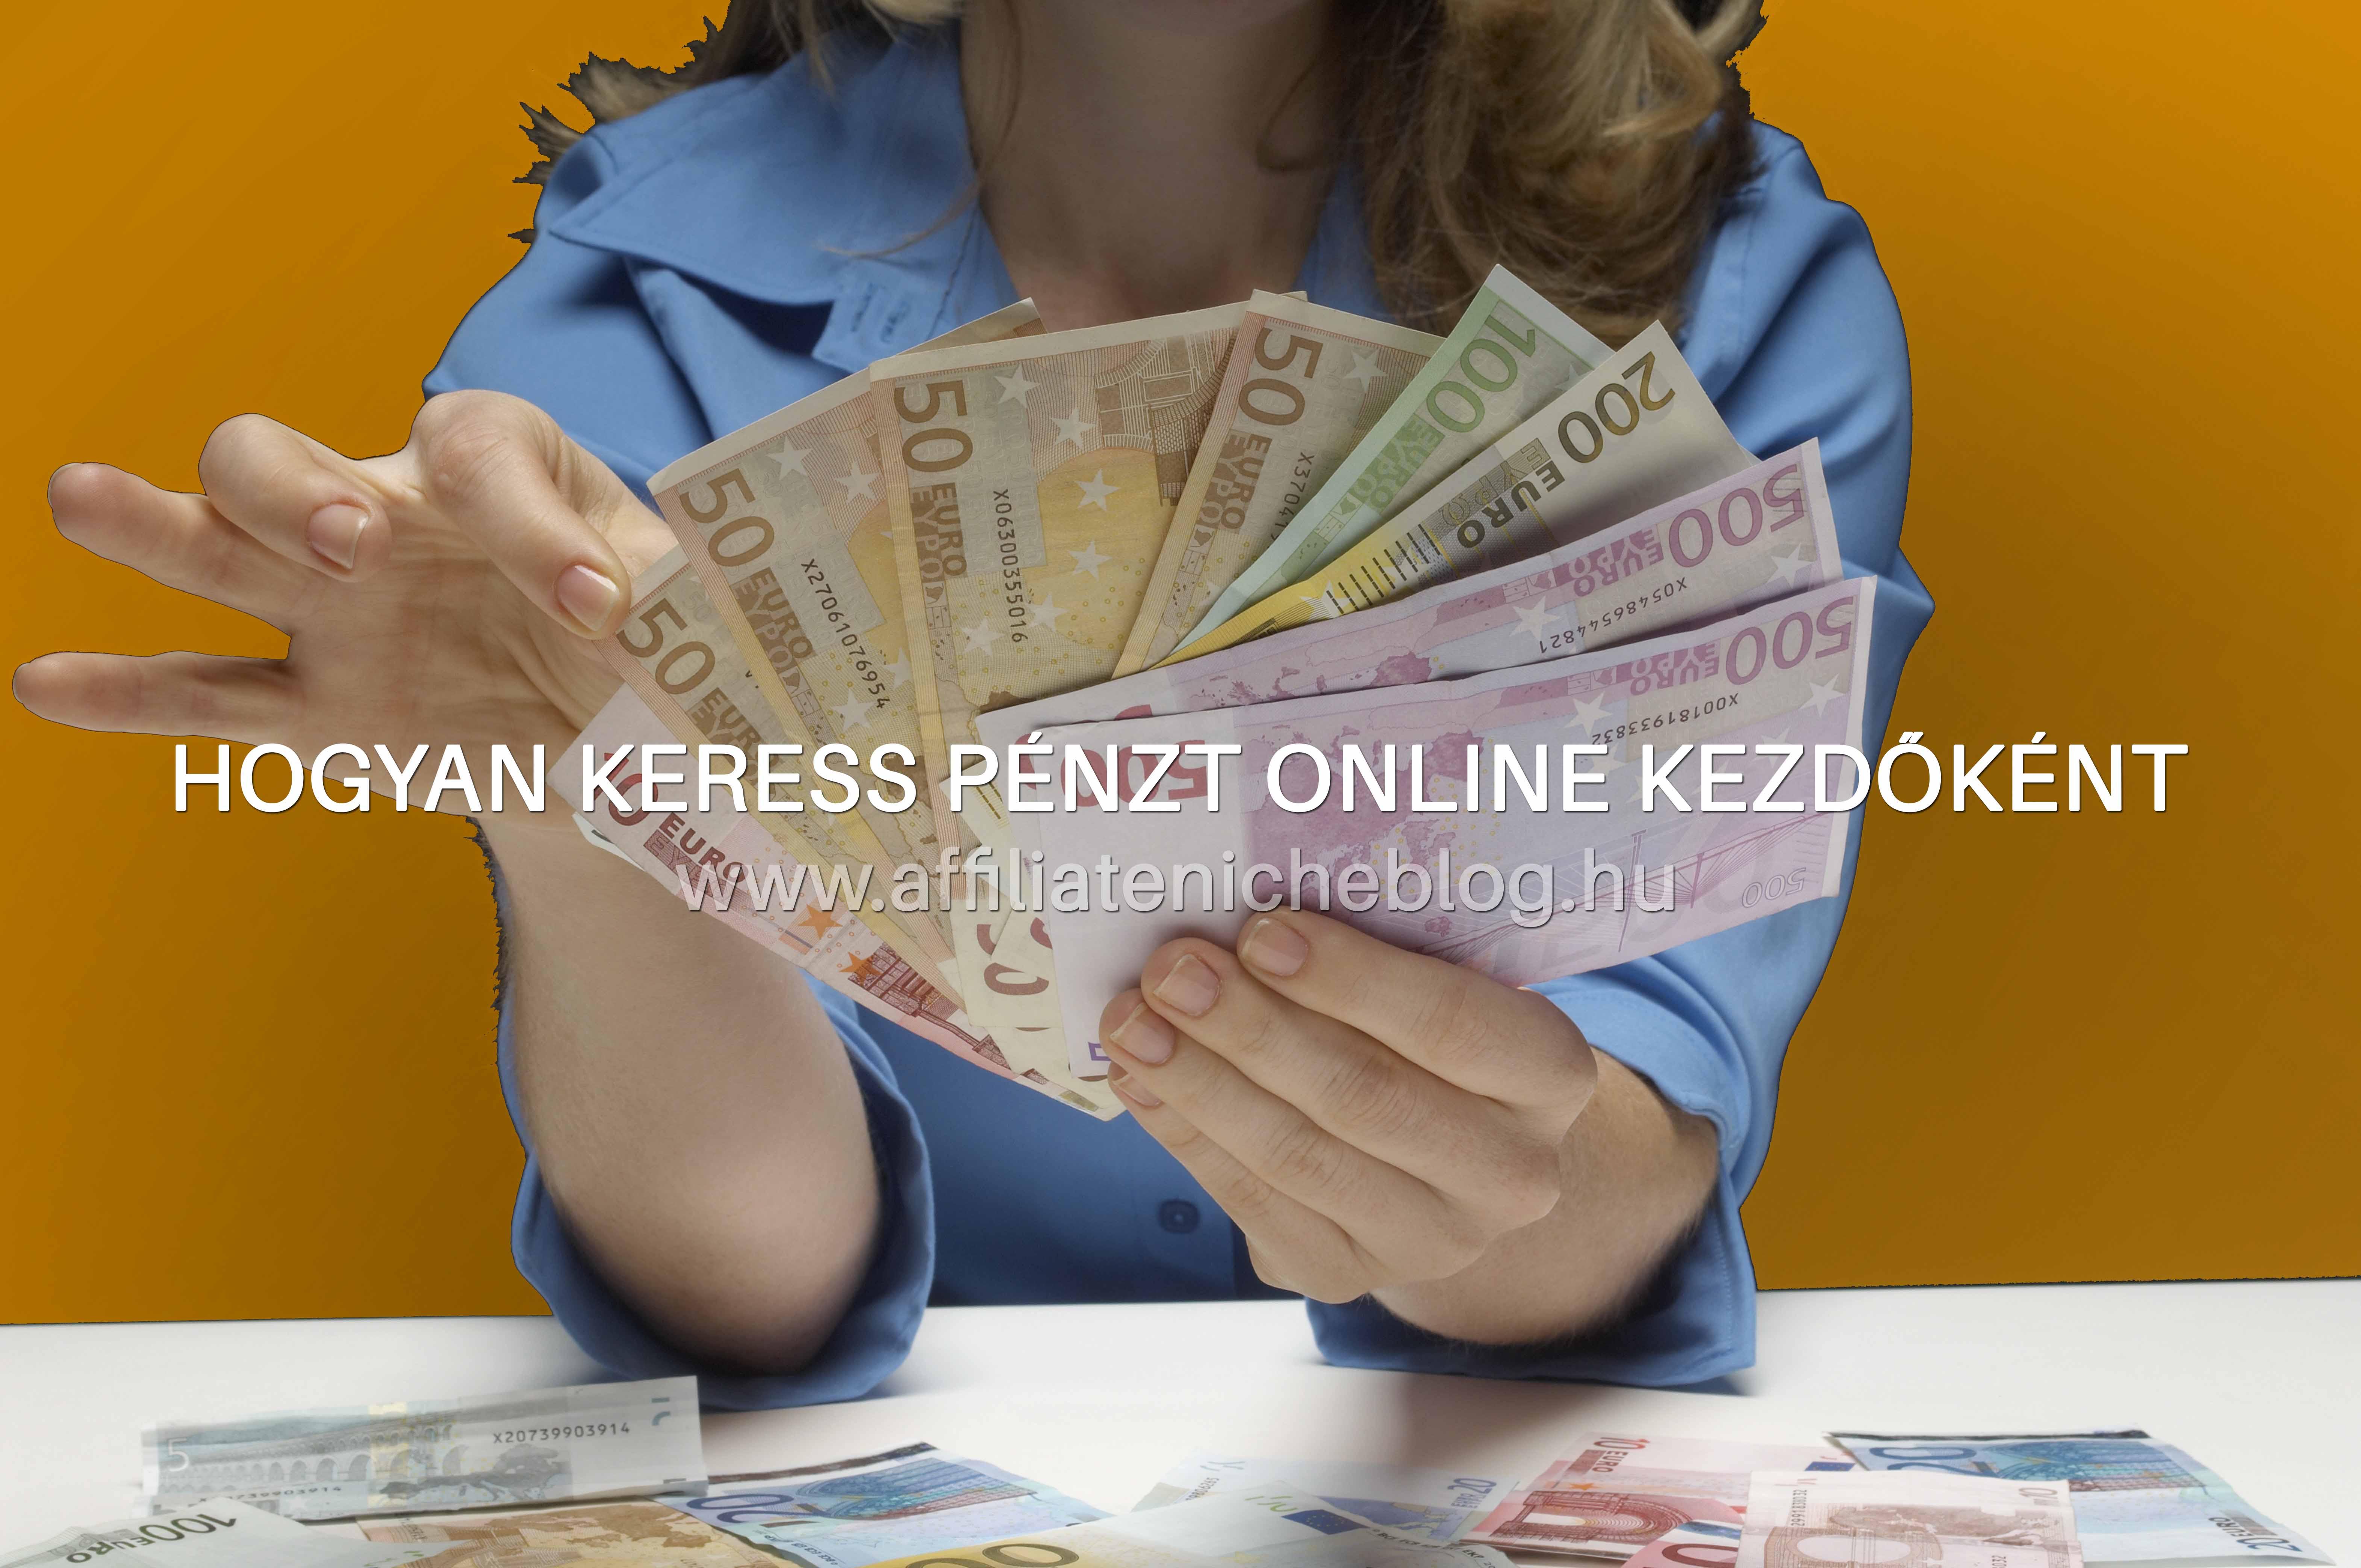 jó pénzt keresni online